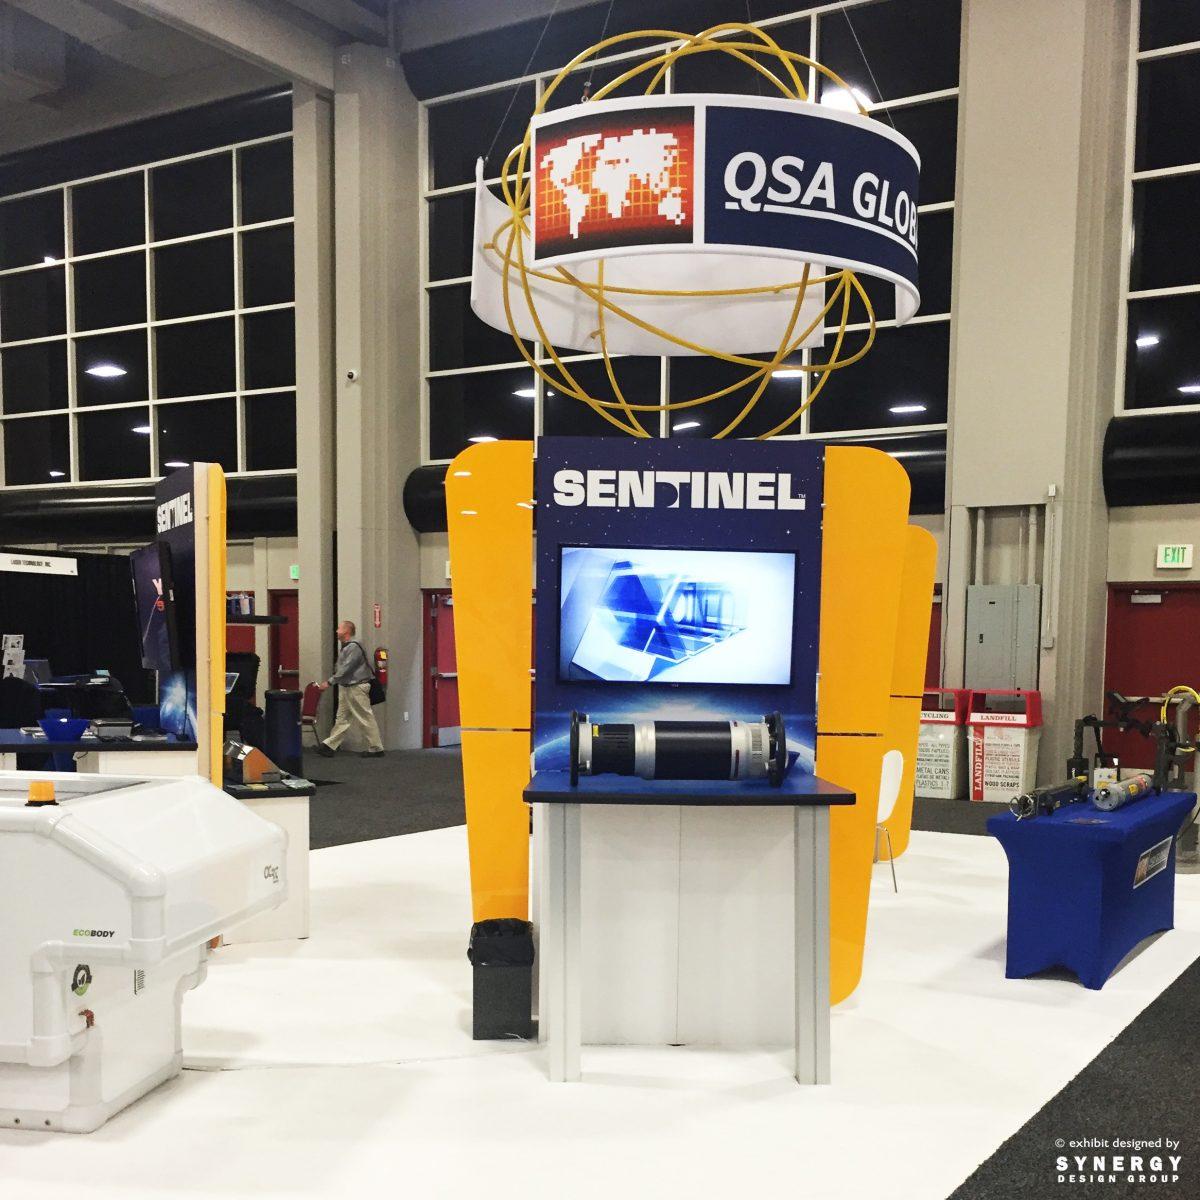 qsa custom trade show kiosk